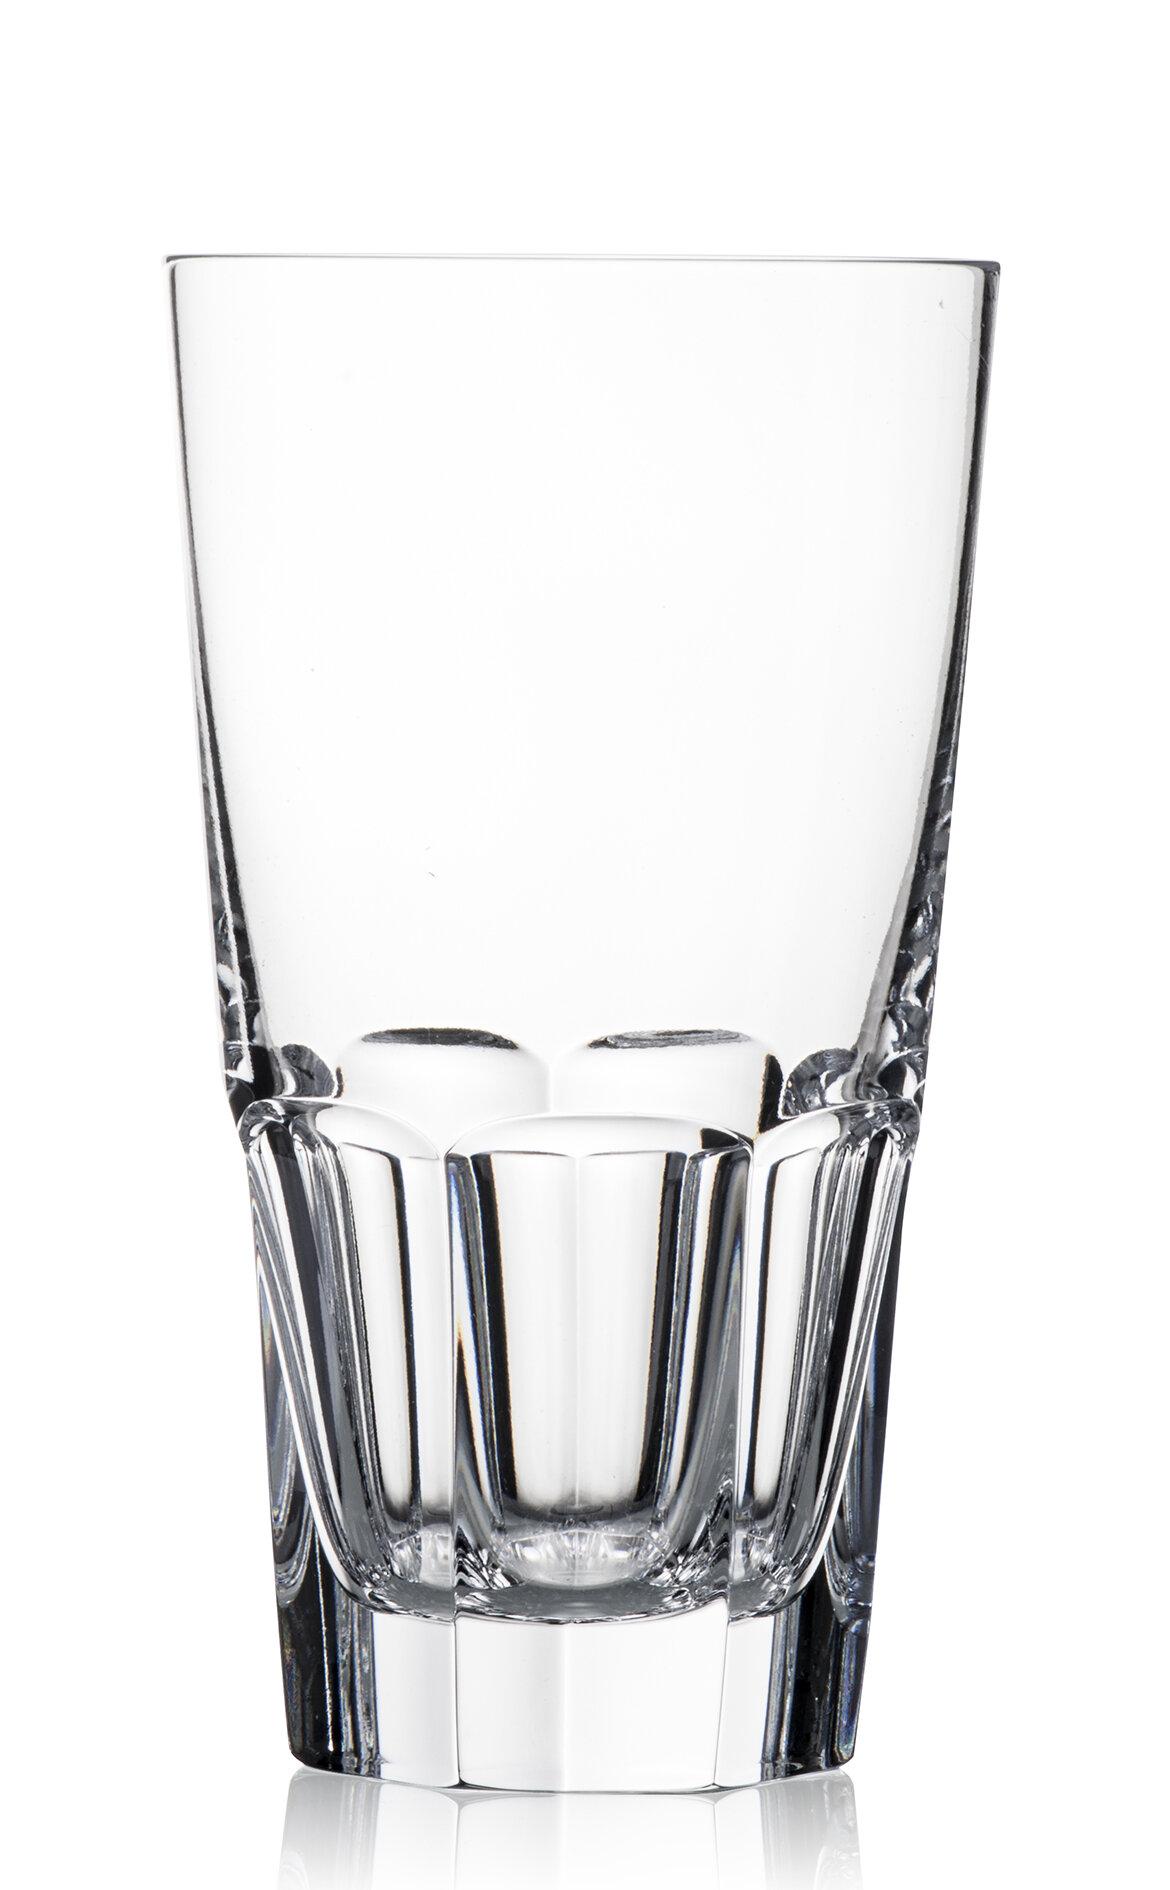 Rogaska-Rogaska Royal Su/Mesrubat Bardağı, 2'Li Kutu